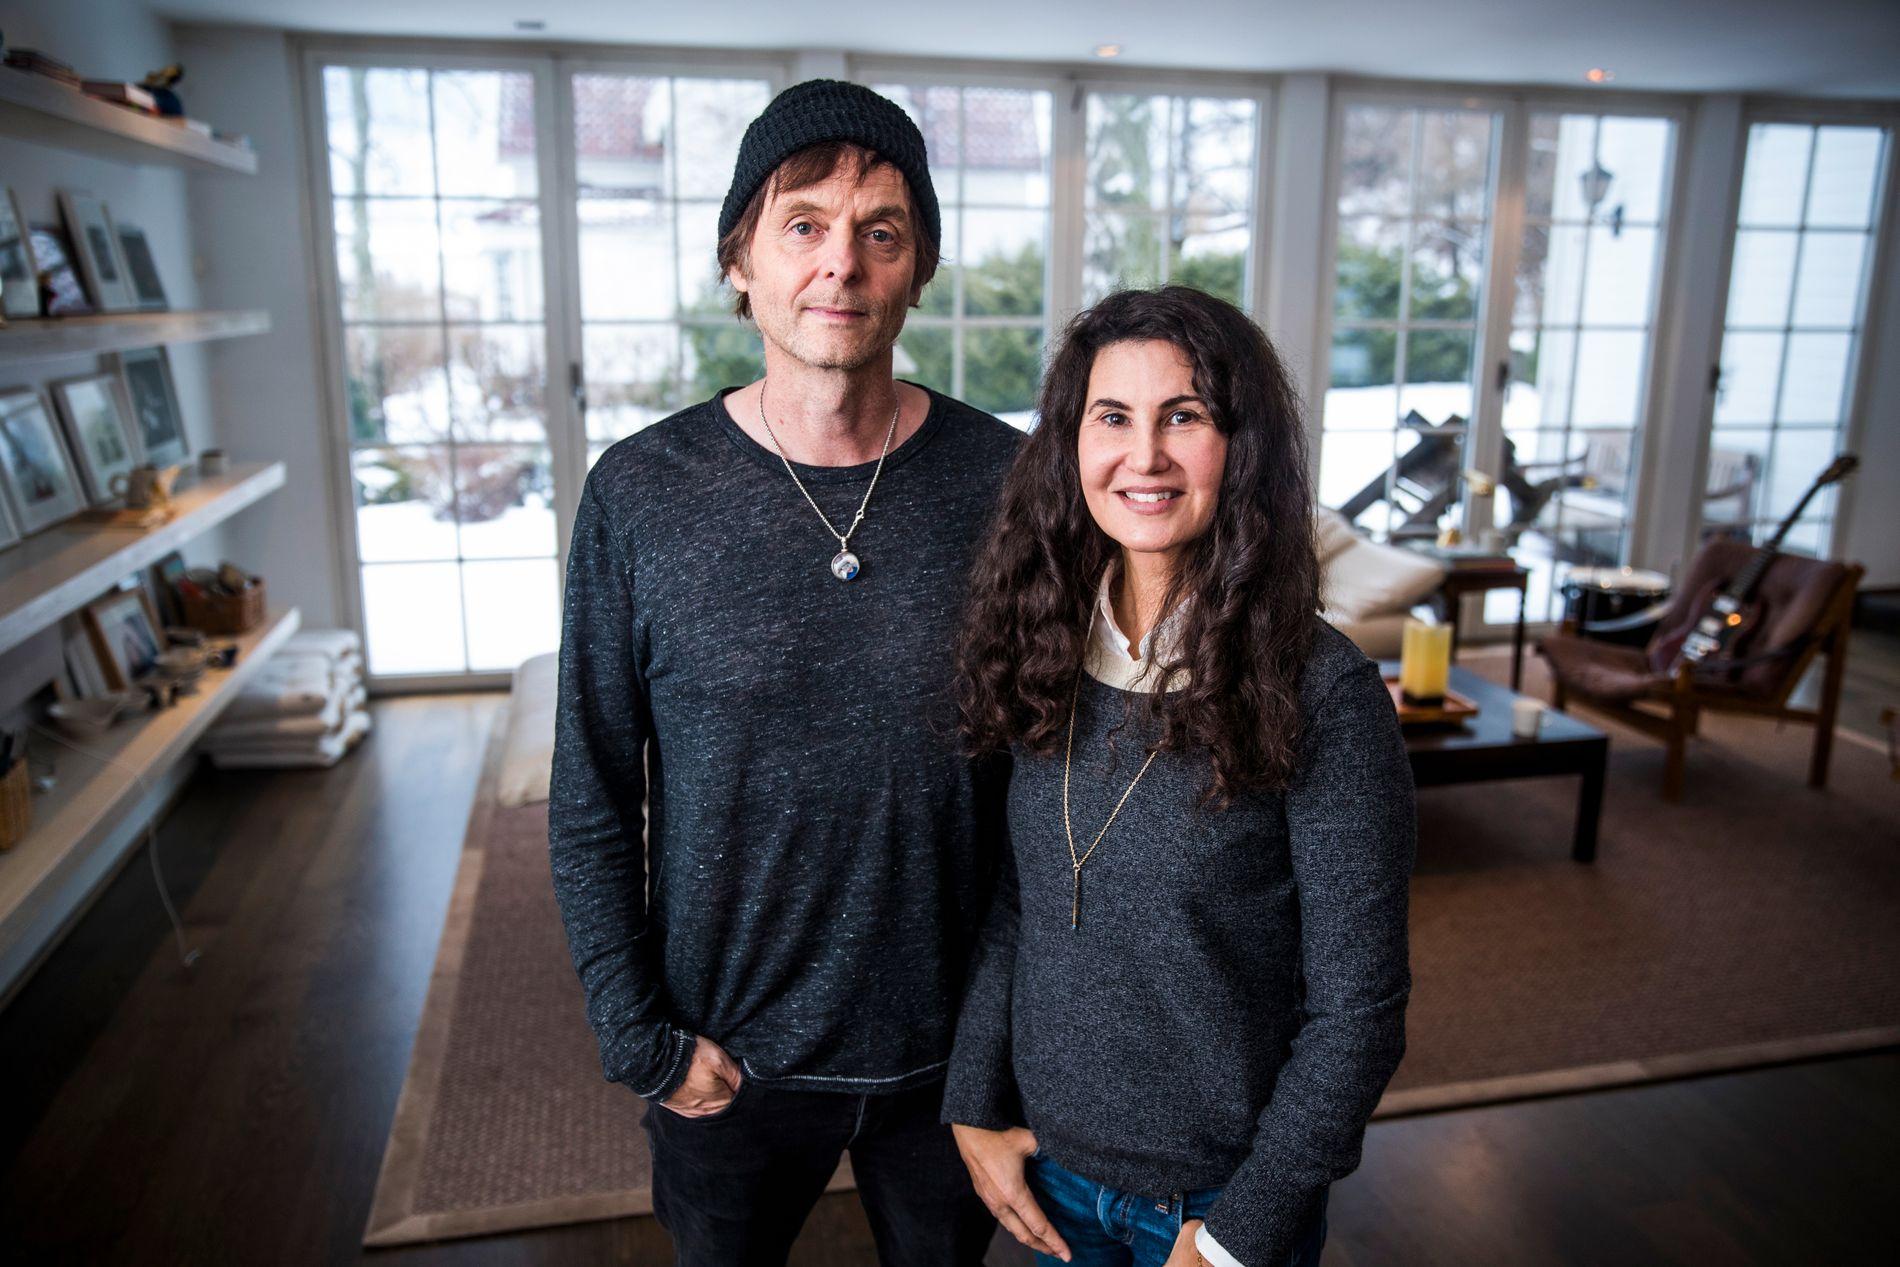 HJEMME MED BANDET: Paul Waaktaar-Savoy og kona Lauren hjemme på Vinderen. Til vanlig bor de i Brooklyn i New York.